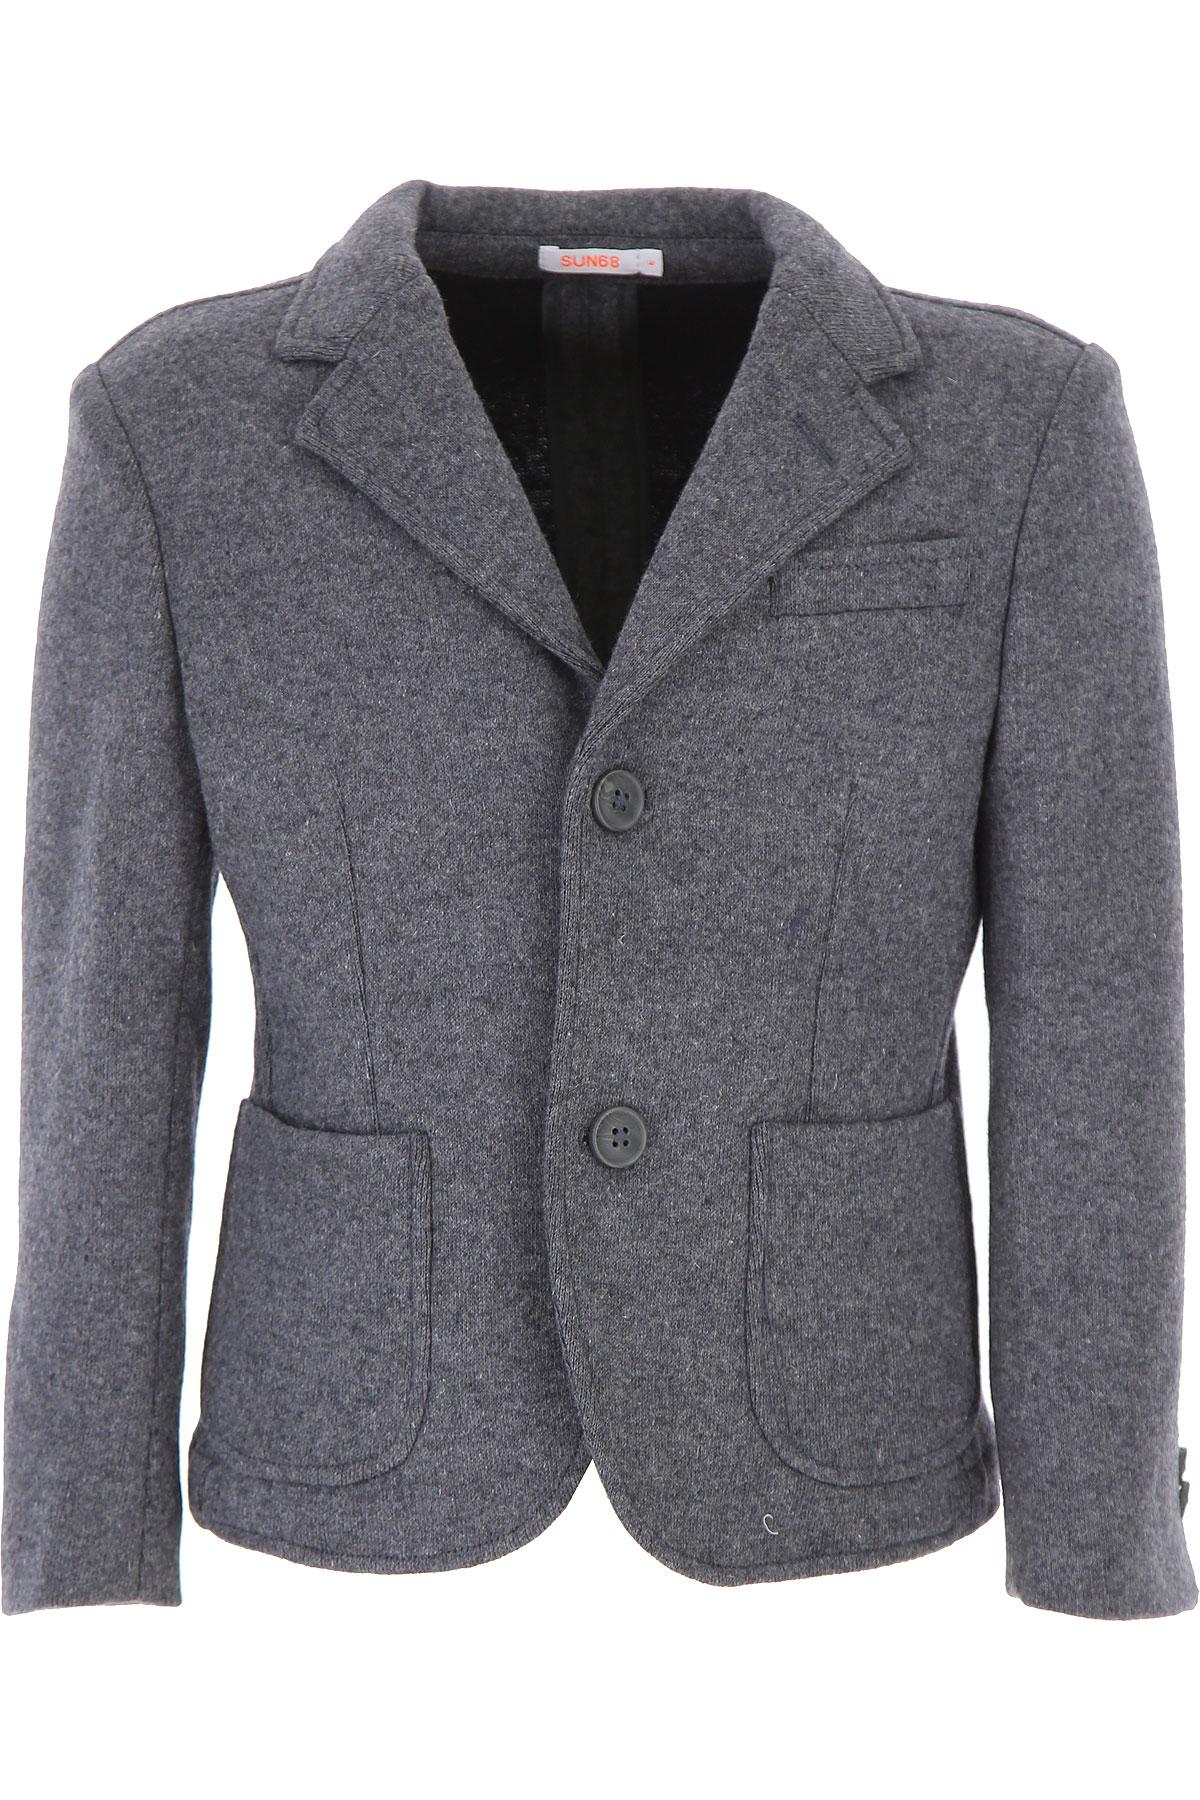 Image of Sun68 Kids Jacket for Boys, Grey, polyester, 2017, 10Y 14Y 16Y 4Y 6Y 8Y